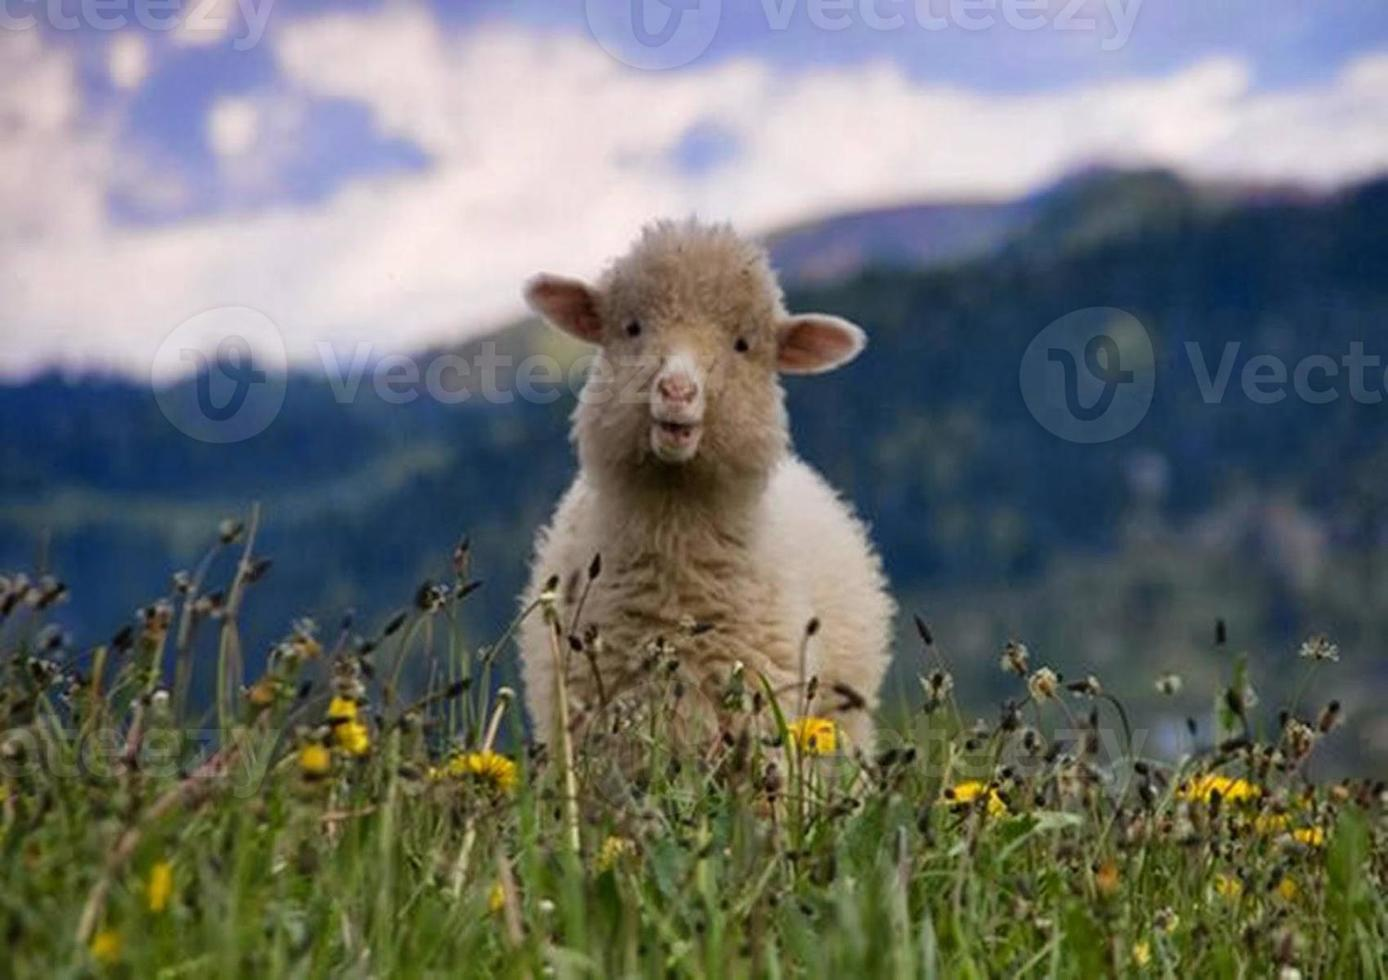 Baby sheep photo